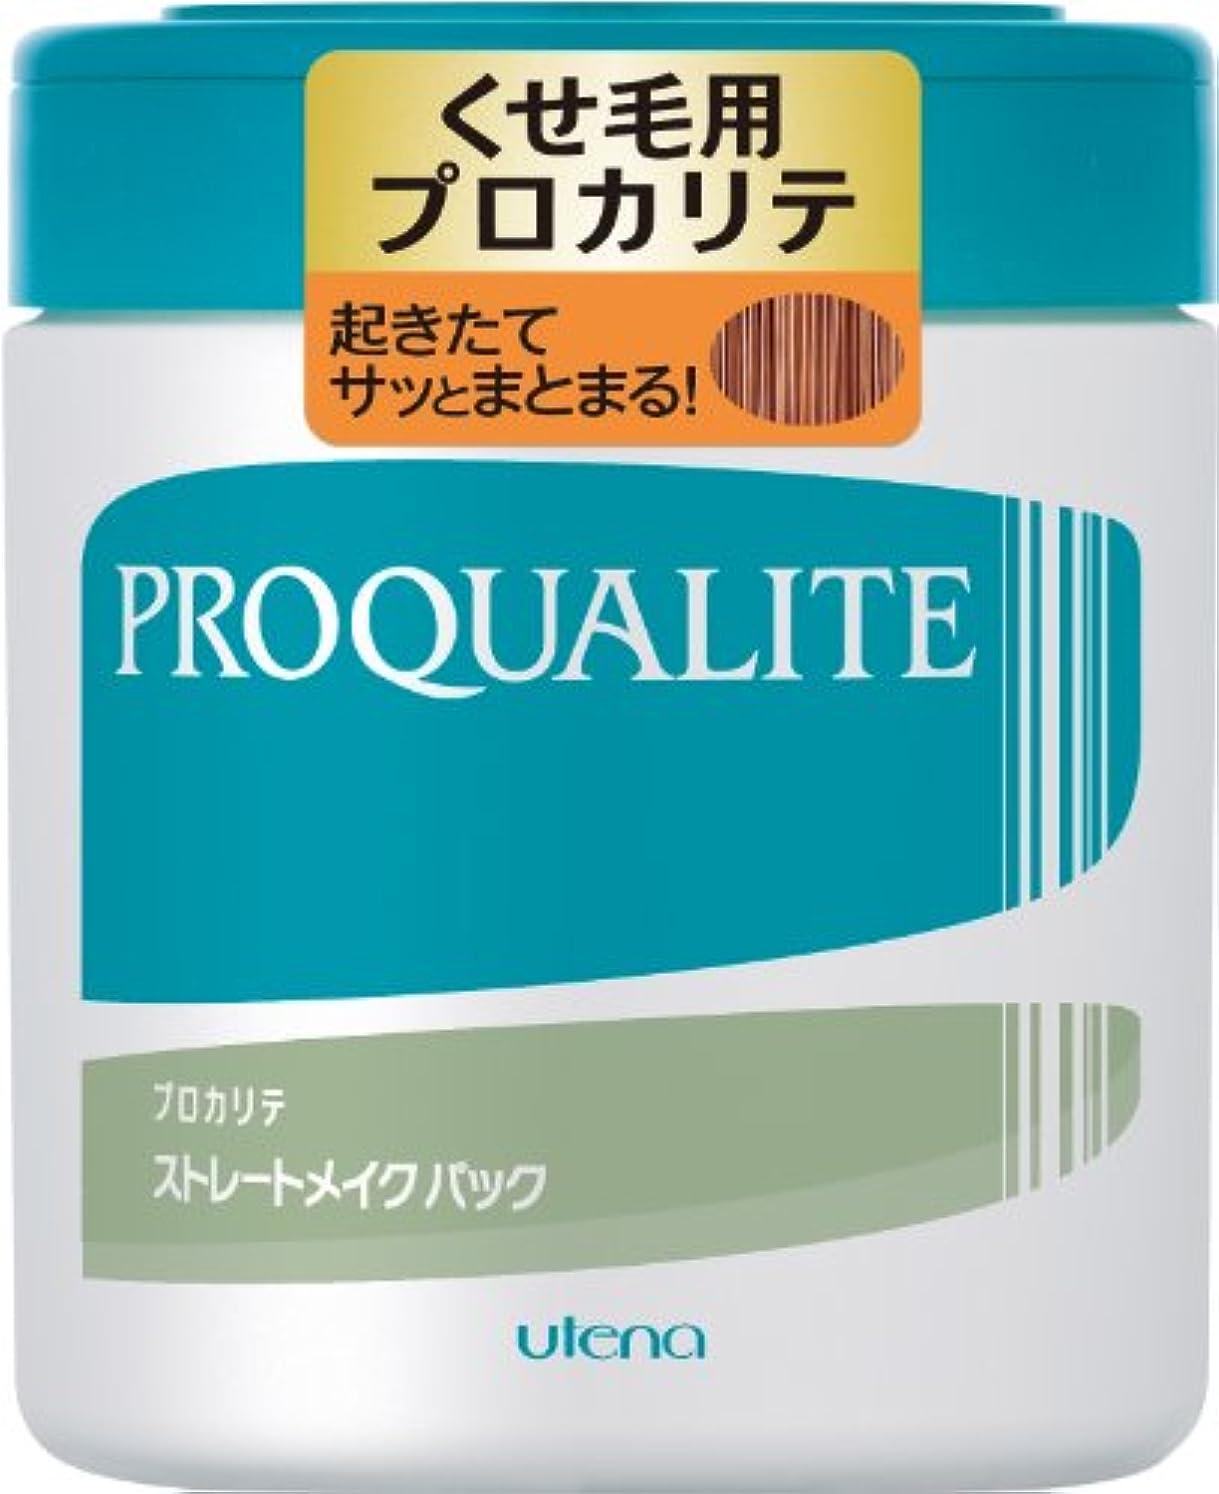 結論ジュース面積PROQUALITE(プロカリテ) ストレートメイクパック ラージ